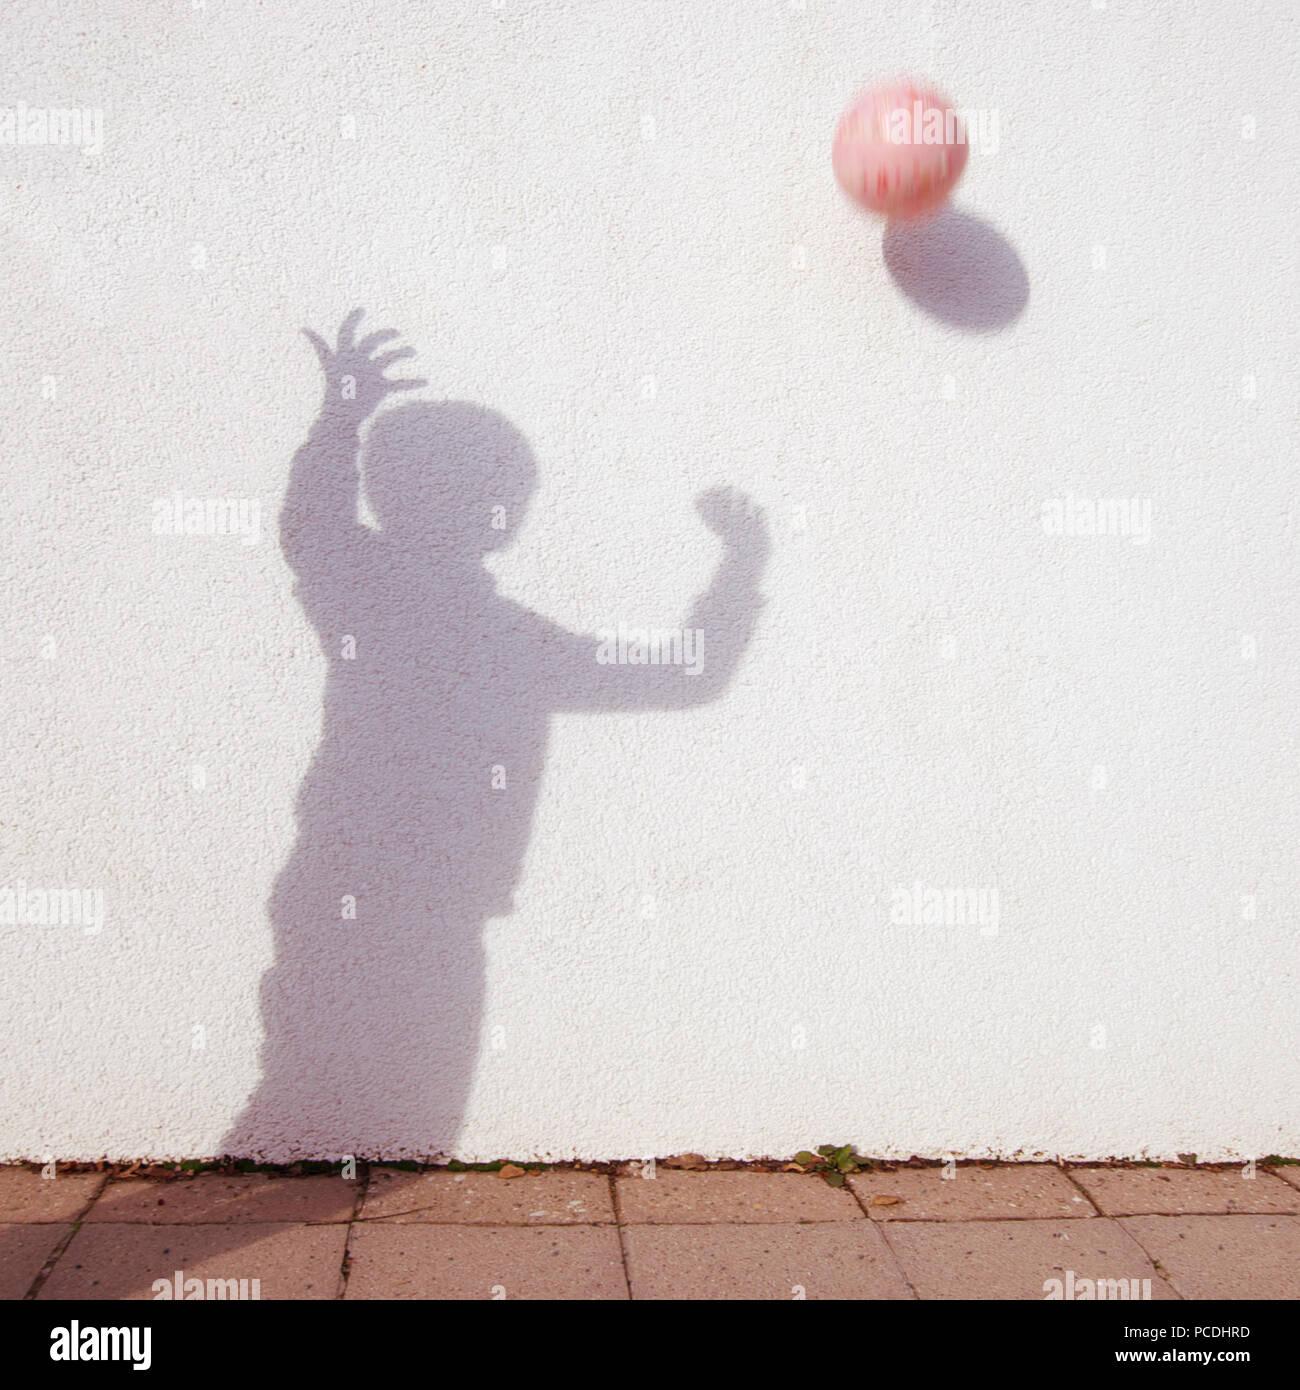 Silhouette, Kugel, Ball Spiel Stockbild